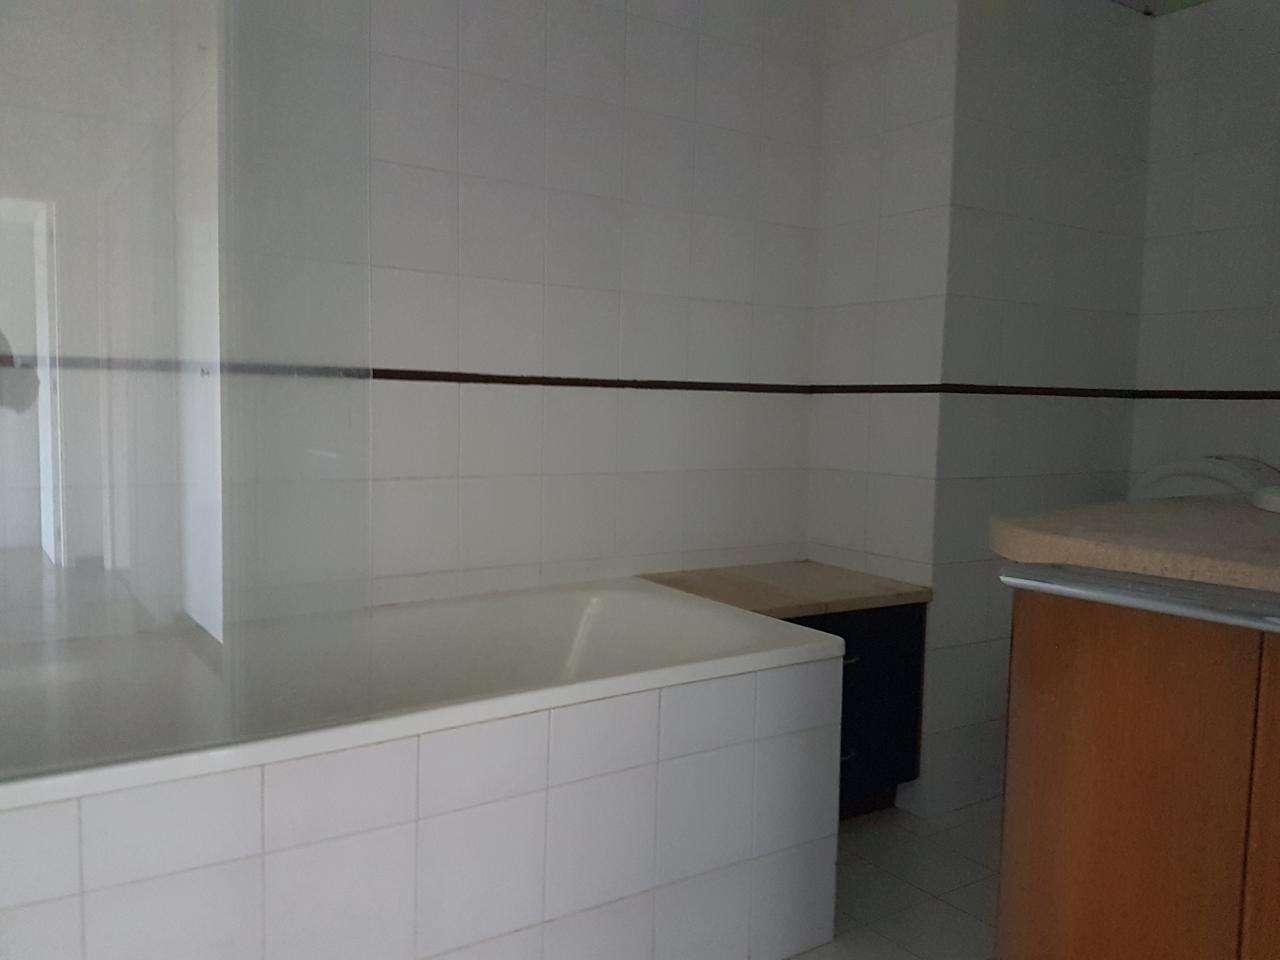 Apartamento para comprar, Bem Viver, Marco de Canaveses, Porto - Foto 9